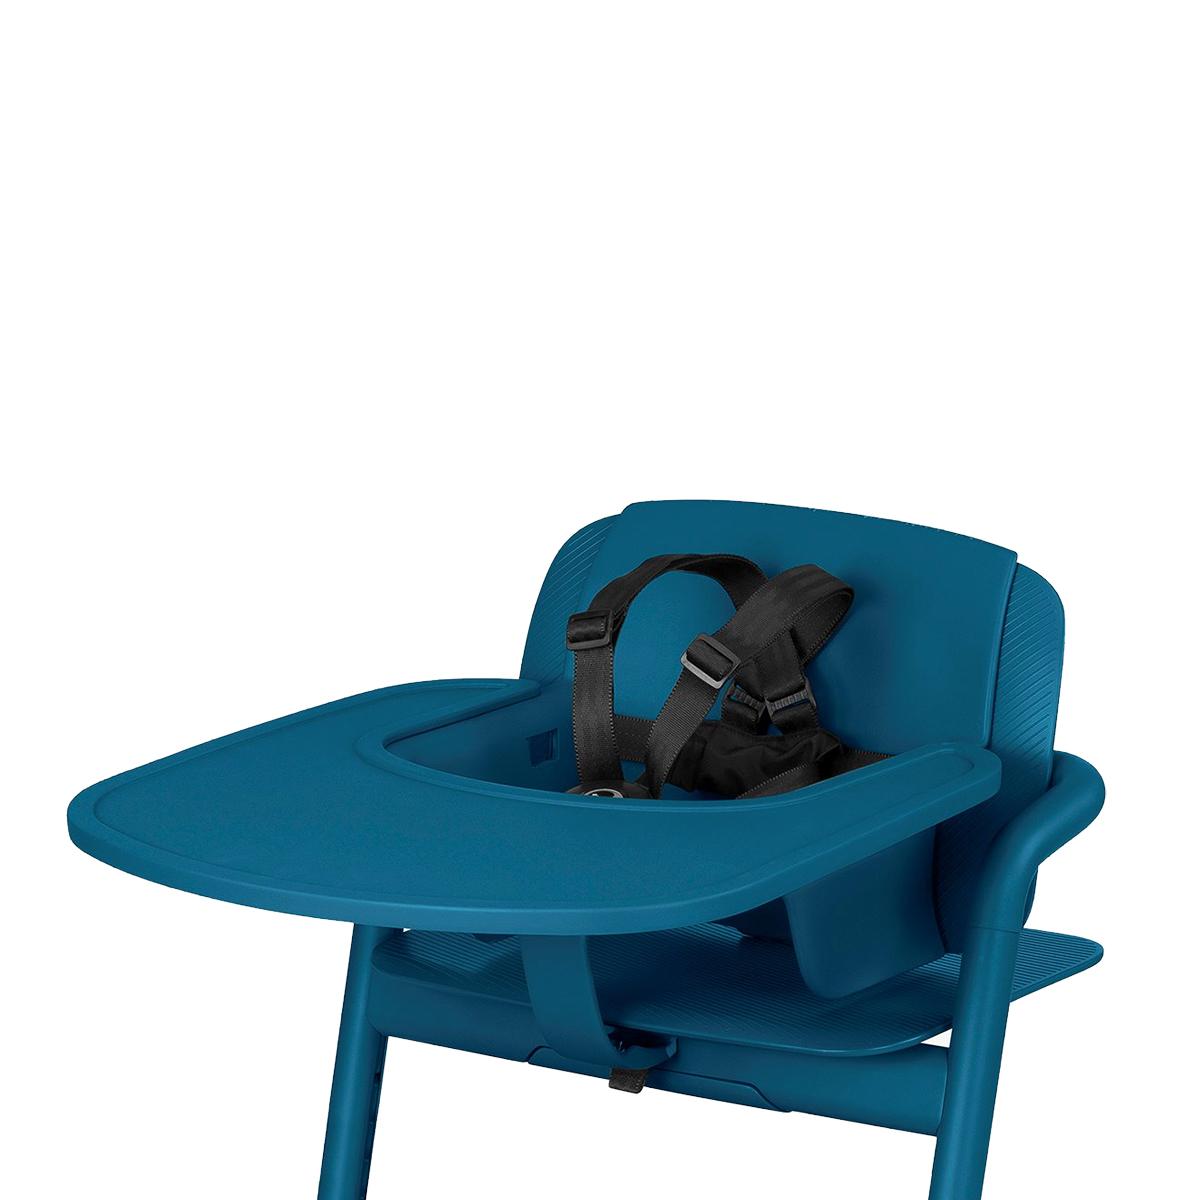 Chaise haute Plateau pour Chaise Haute Lemo - Twilight Blue Plateau pour Chaise Haute Lemo - Twilight Blue